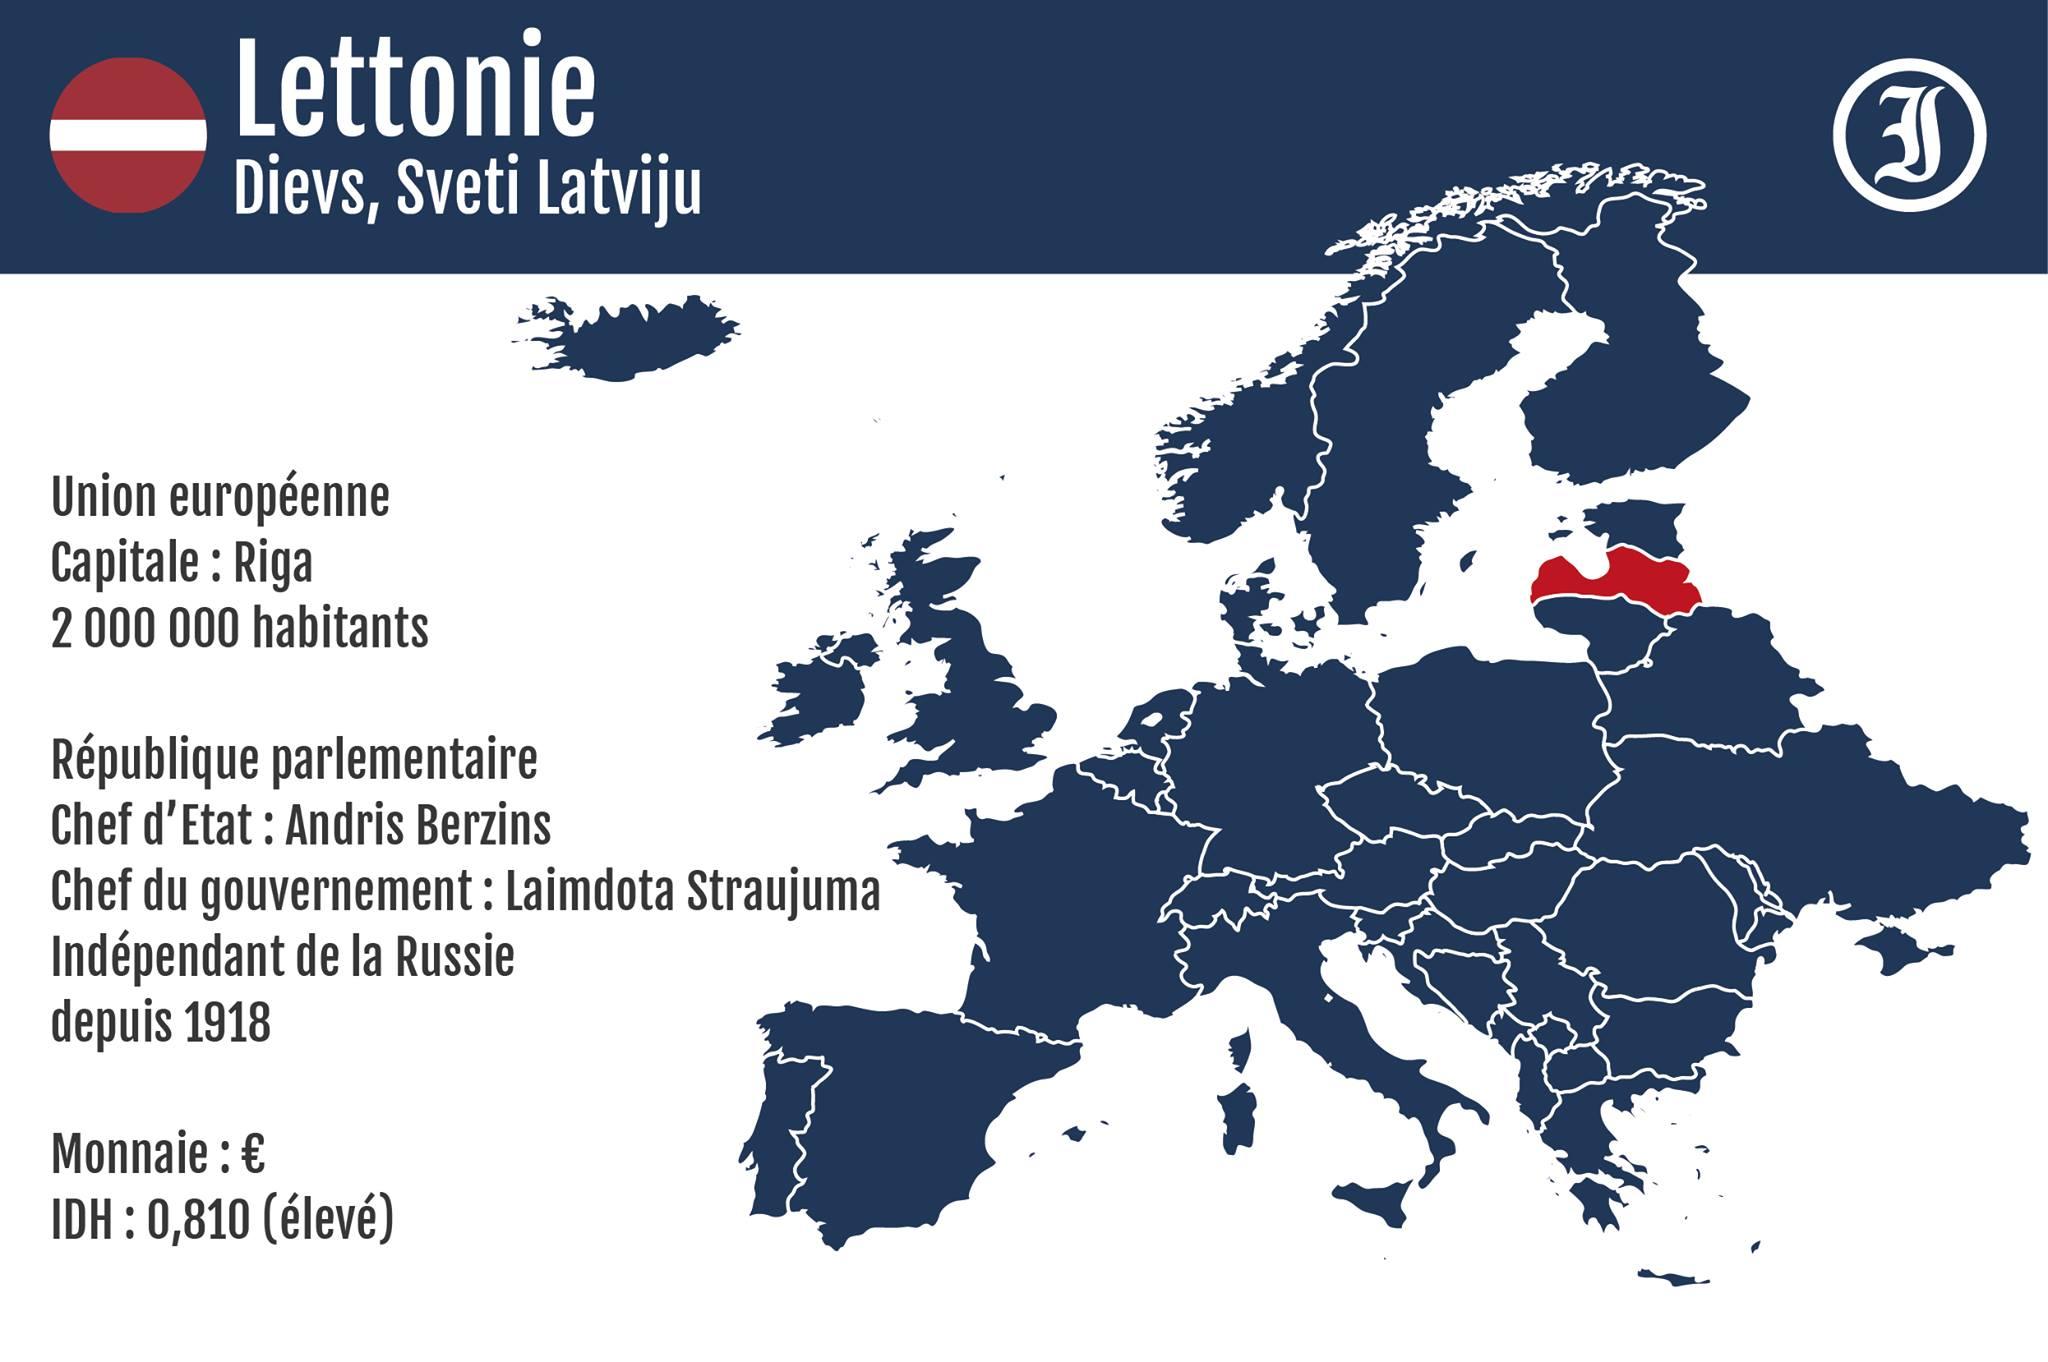 Journée mondiale de la liberté de la presse en Lettonie